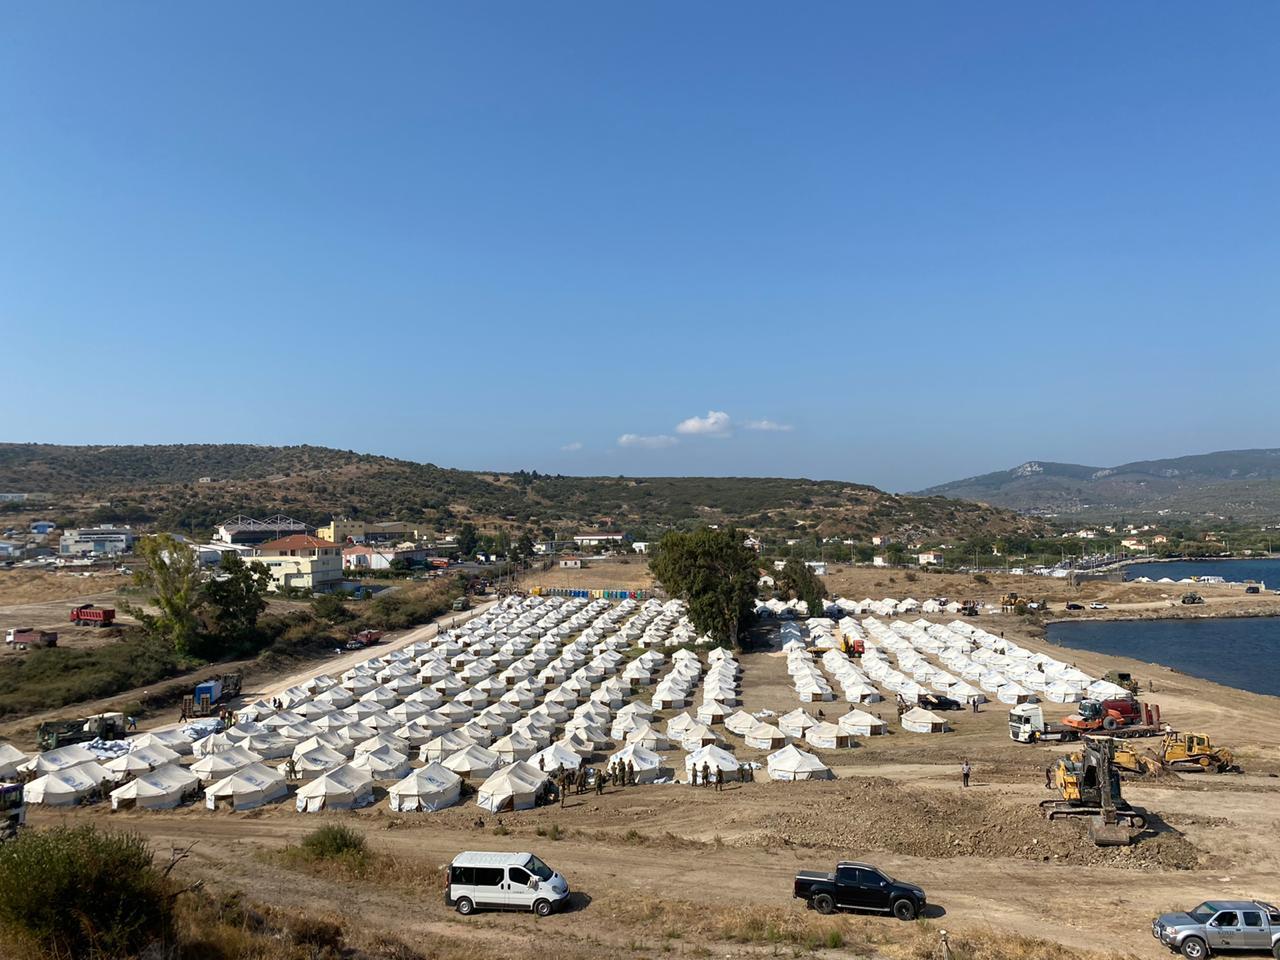 Νότης Μηταράκης: Ενημέρωση για την πρόοδο των εργασιών στο νέο  προσωρινό Κέντρο Υποδοχής και Ταυτοποίησης»